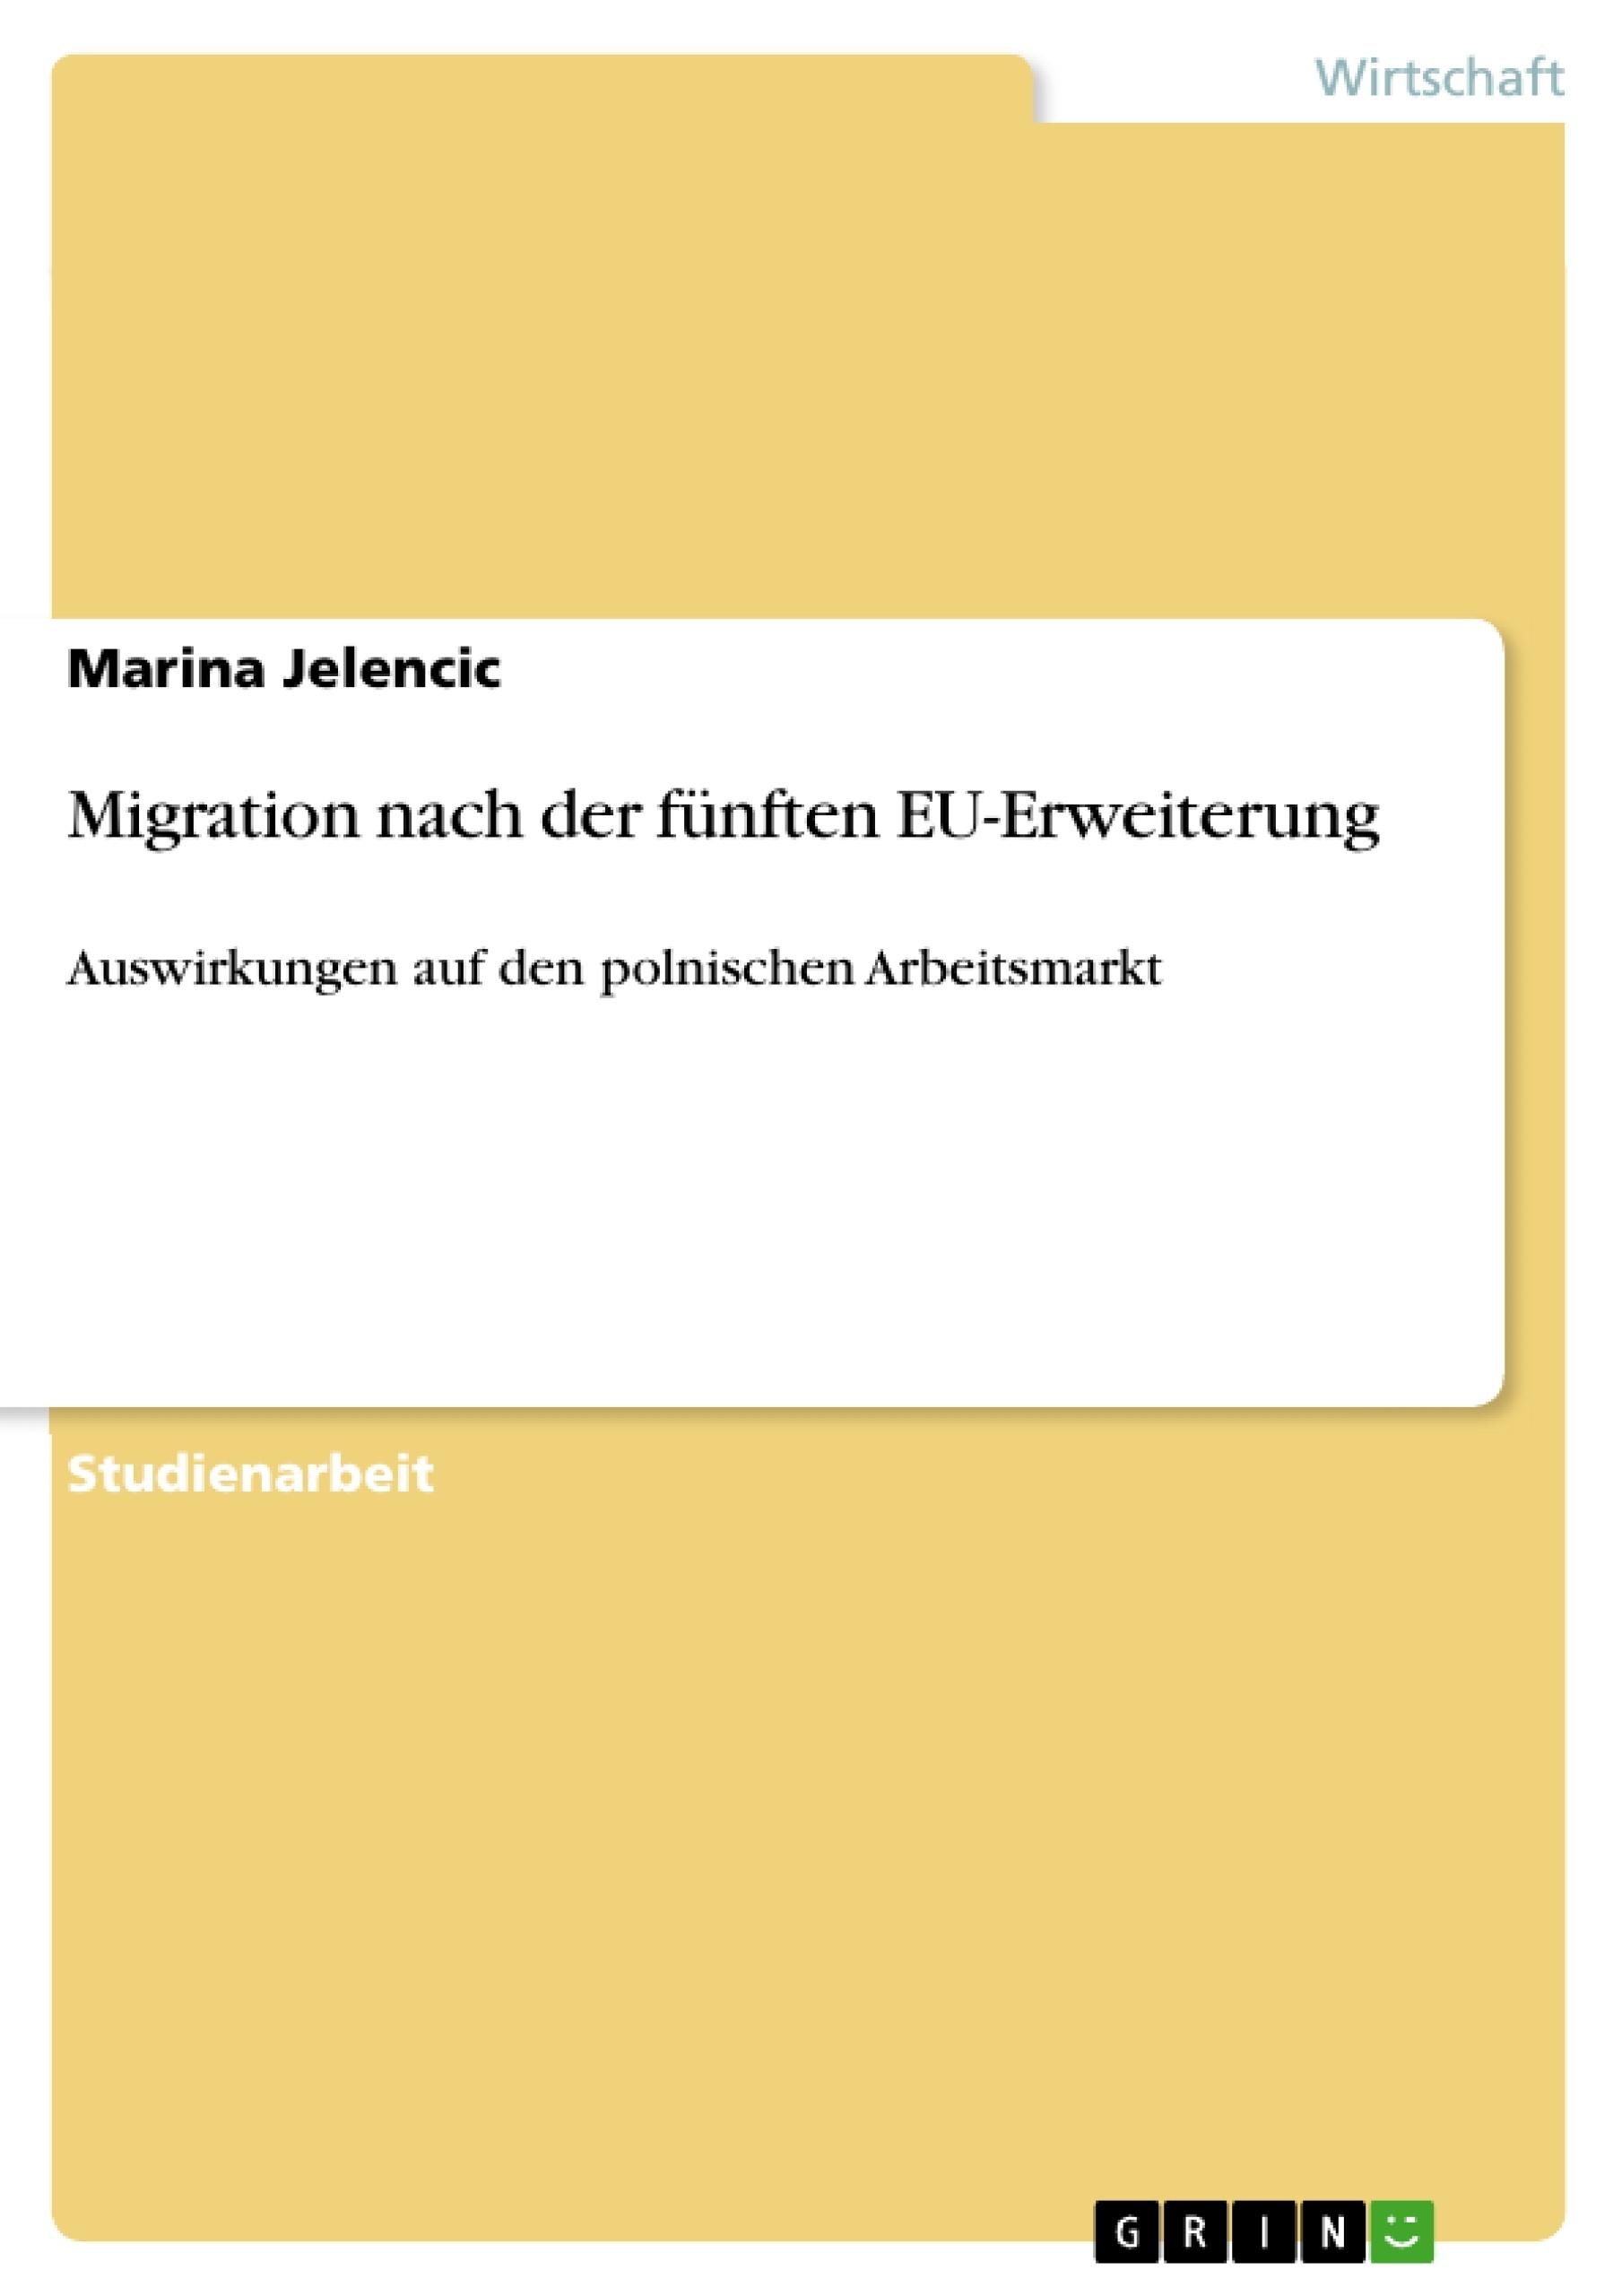 Titel: Migration nach der fünften EU-Erweiterung